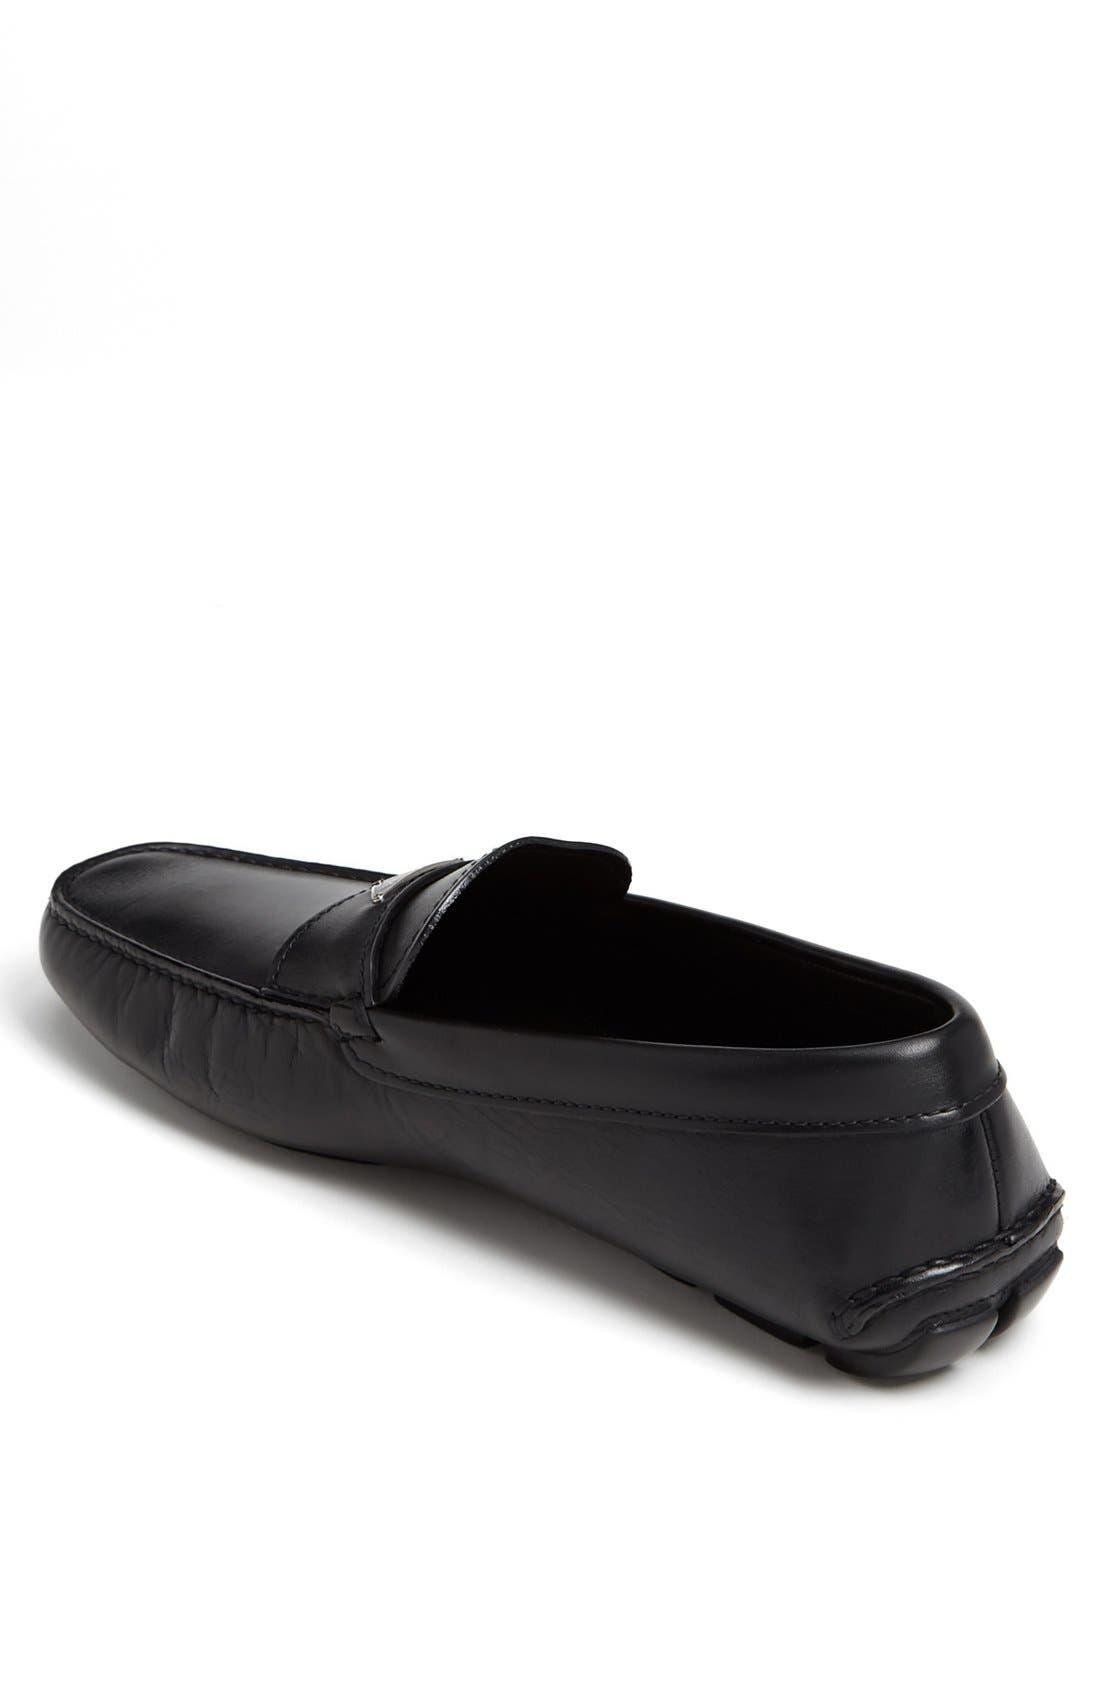 Alternate Image 2  - Prada Logo Bit Driving Shoe (Men)